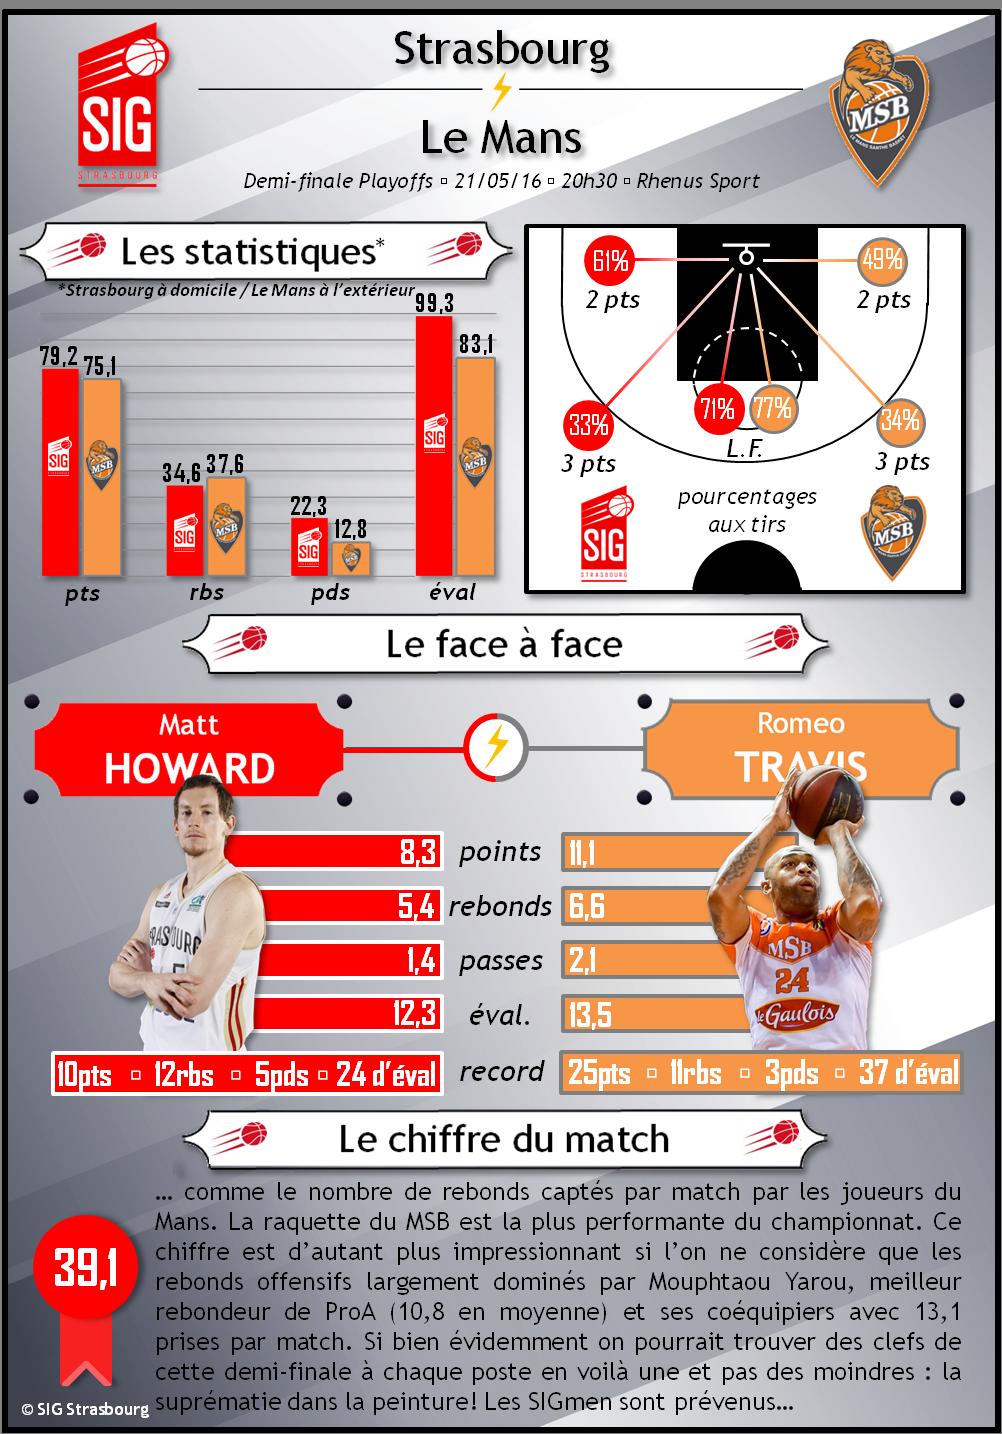 infographie SIG-Le mans_V2